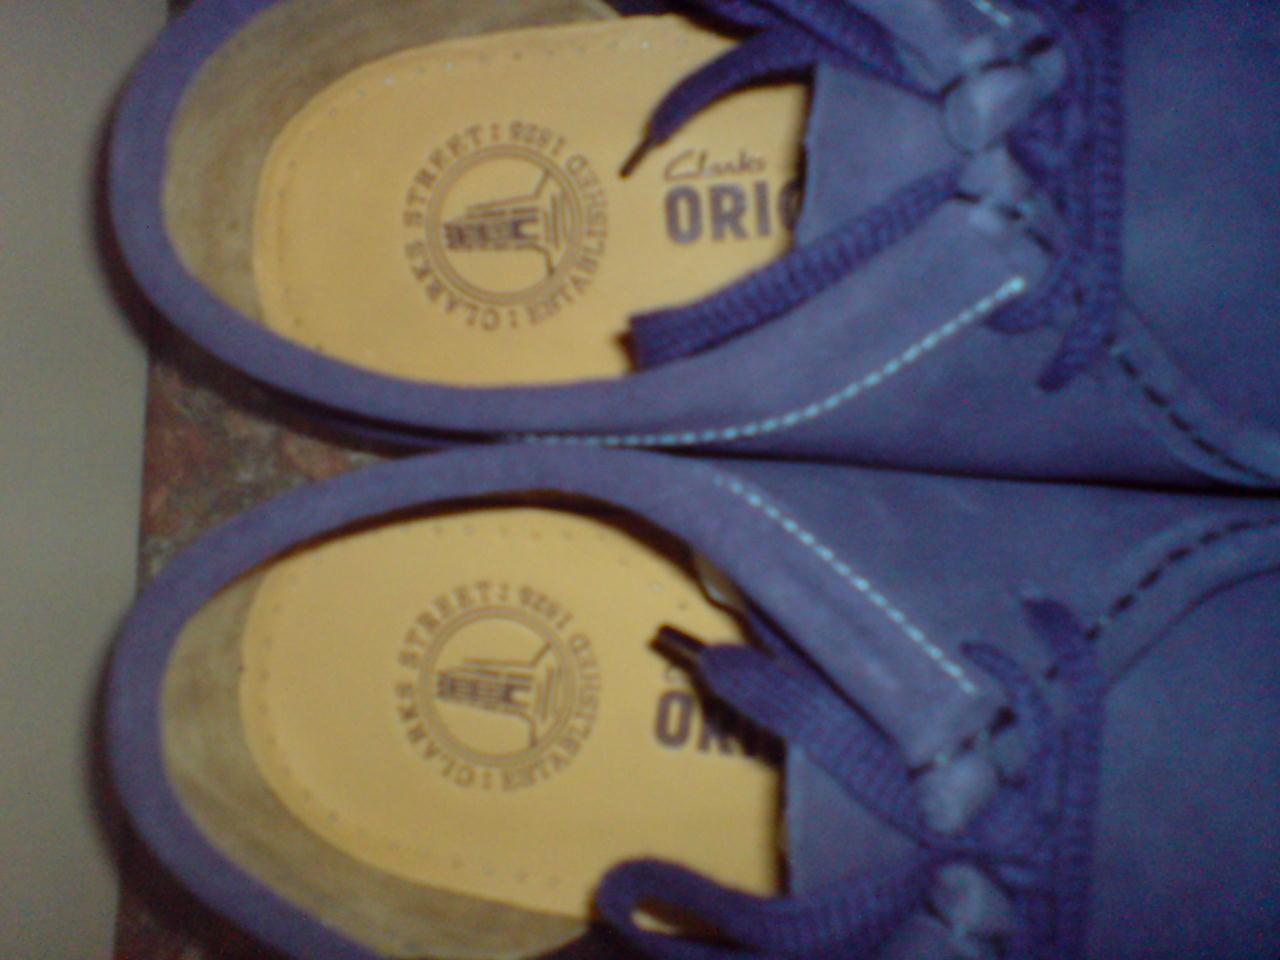 Clarks Originals Da Uomo ** WALLABEES X blu scuro scuro scuro in pelle scamosciata ** G 096329